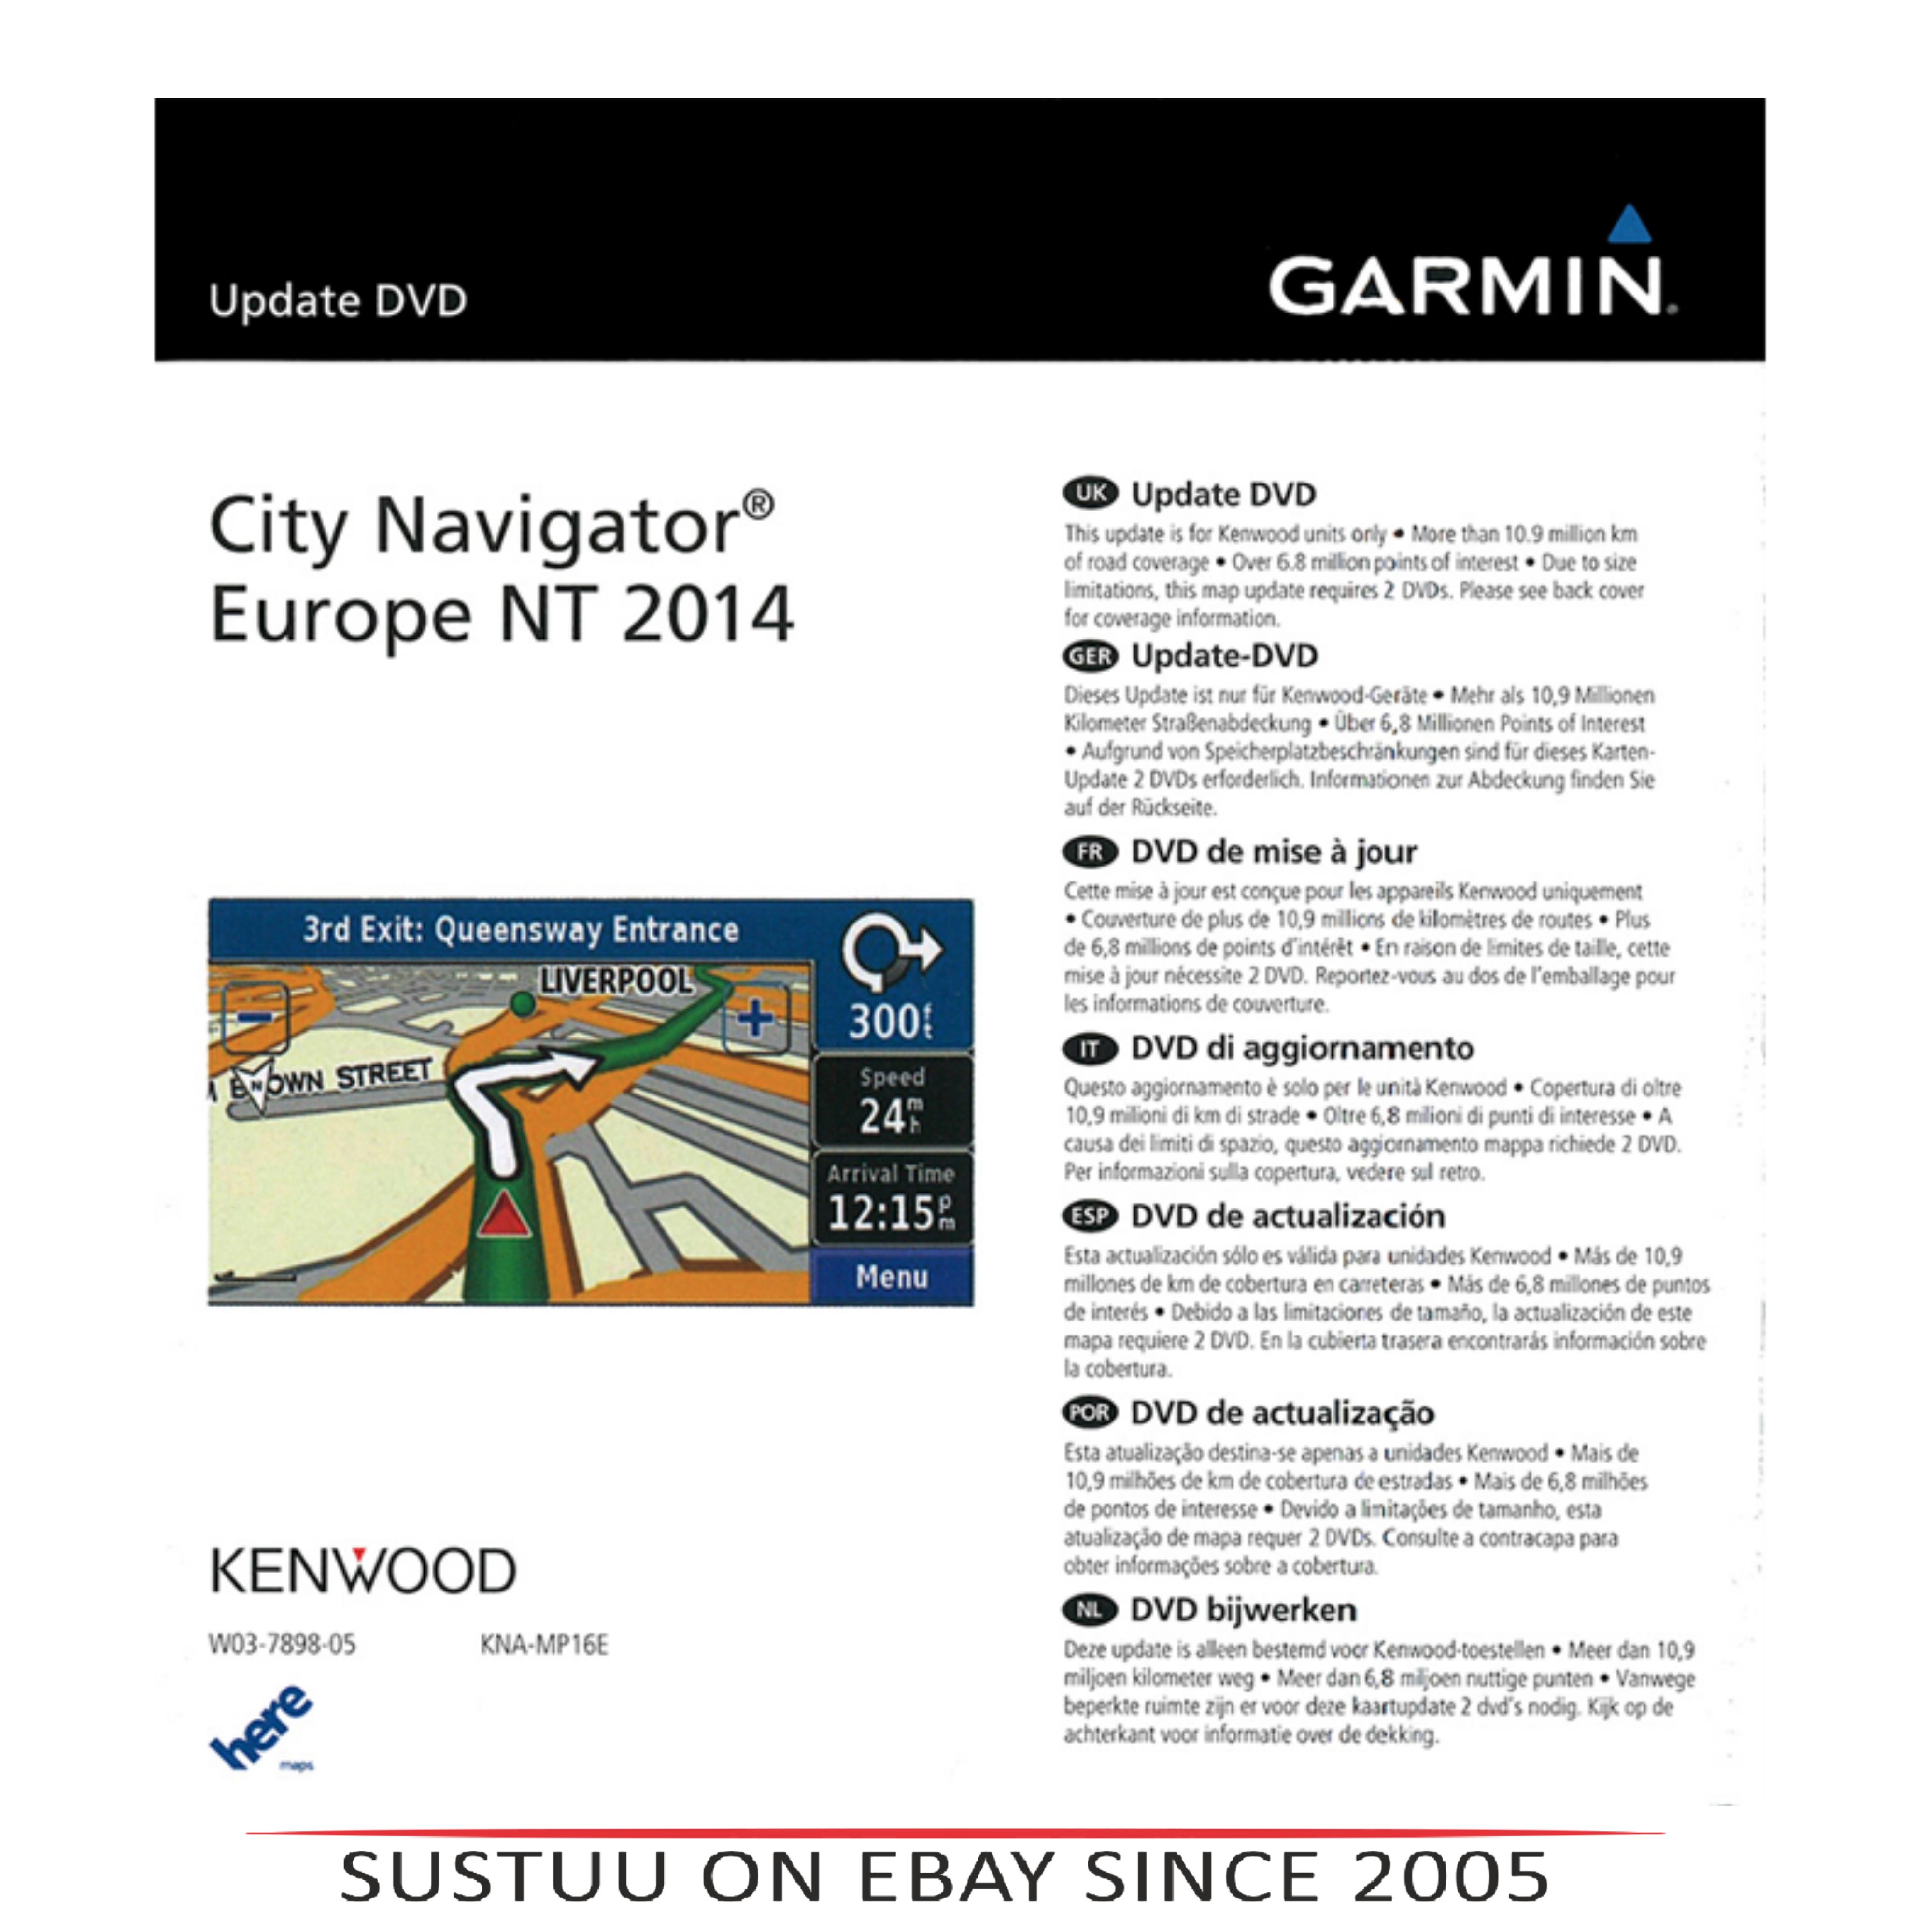 Kenwood KNA MP16|GPS-SatNav Map Updates|Fits DNX7240BT,DNX5240/BT,DNX5220/BT